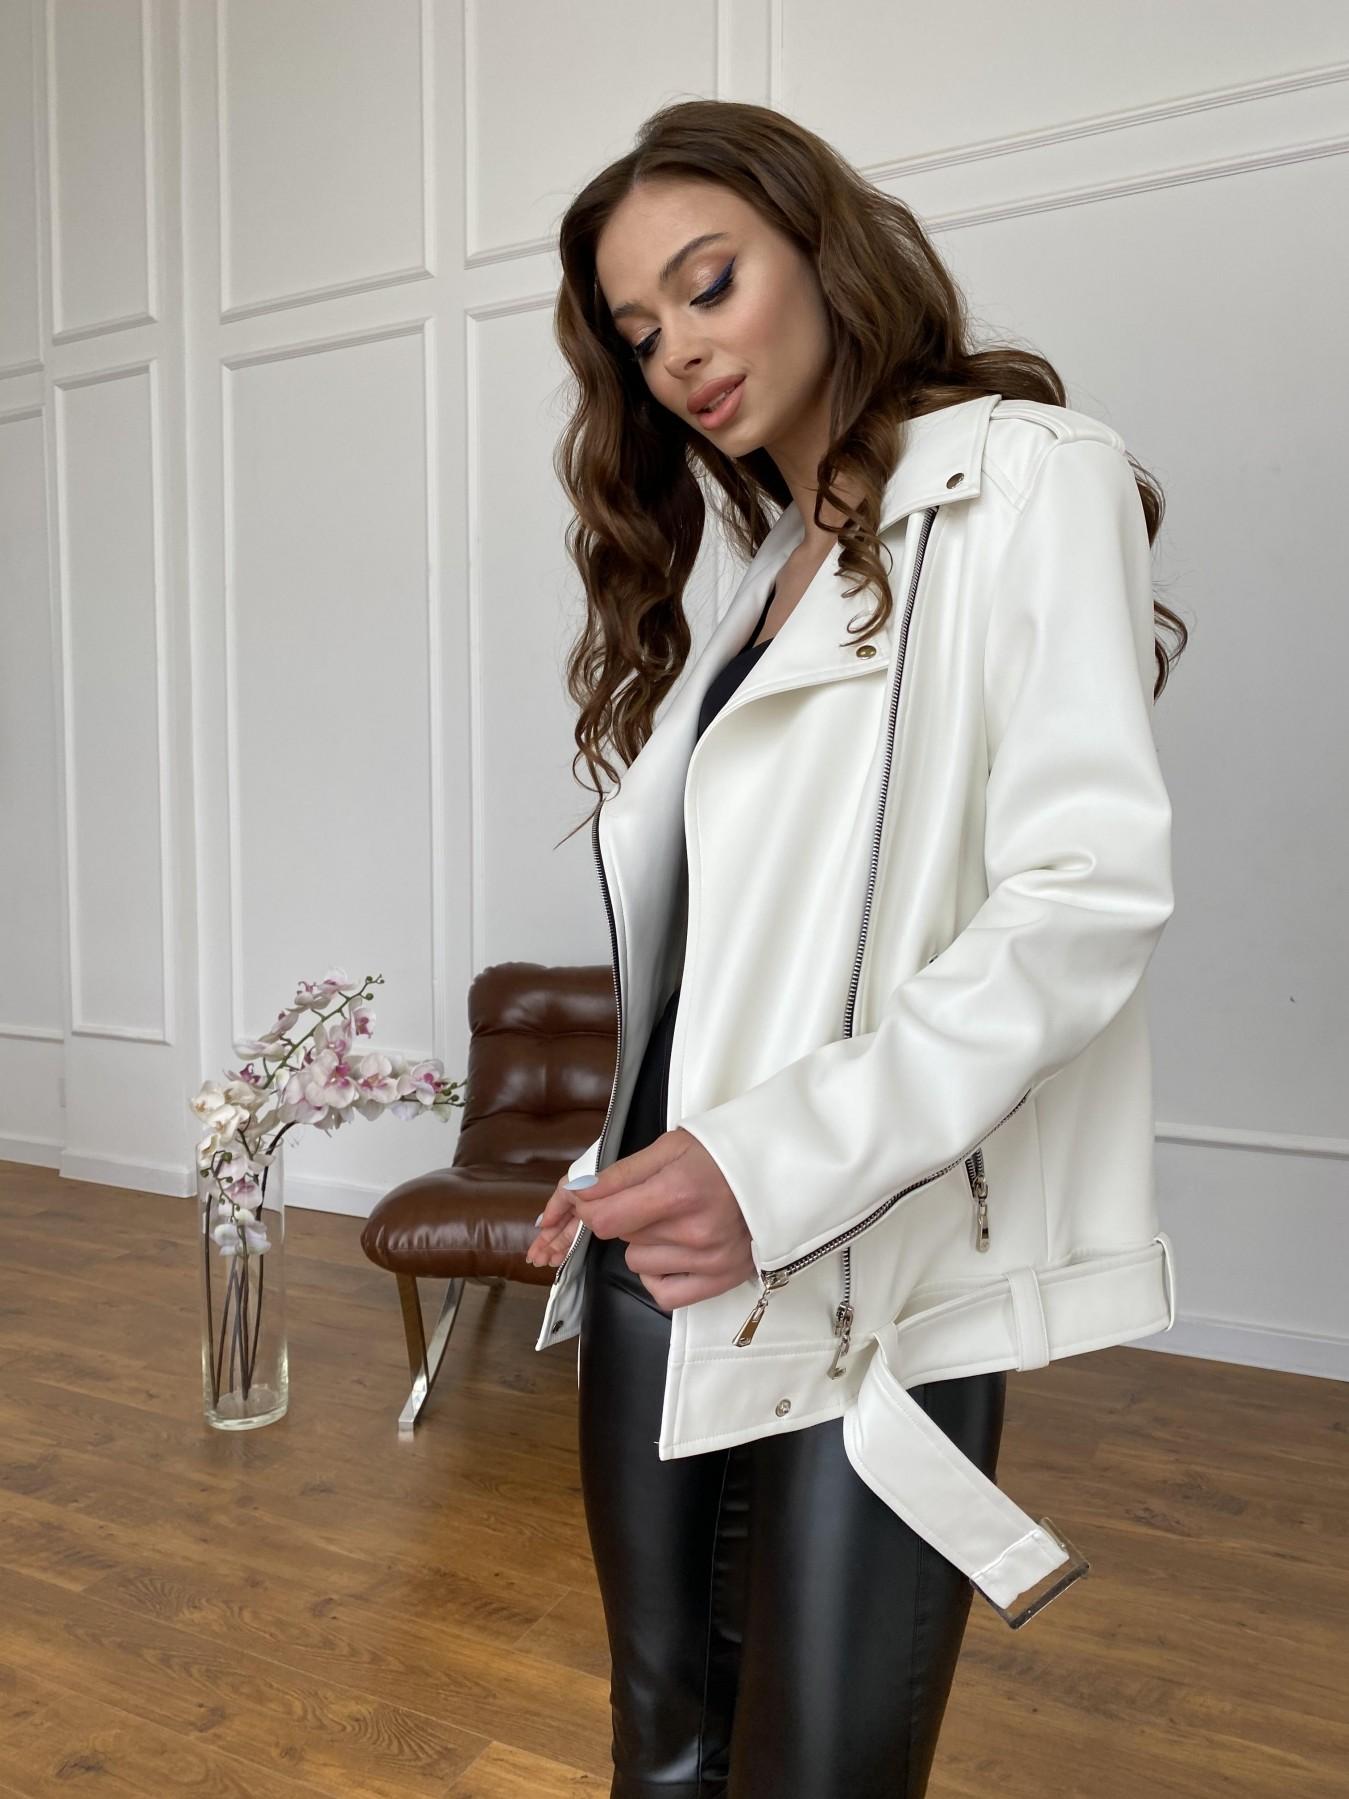 куртка женская купить Босс куртка из экокожи прокатанной  11173